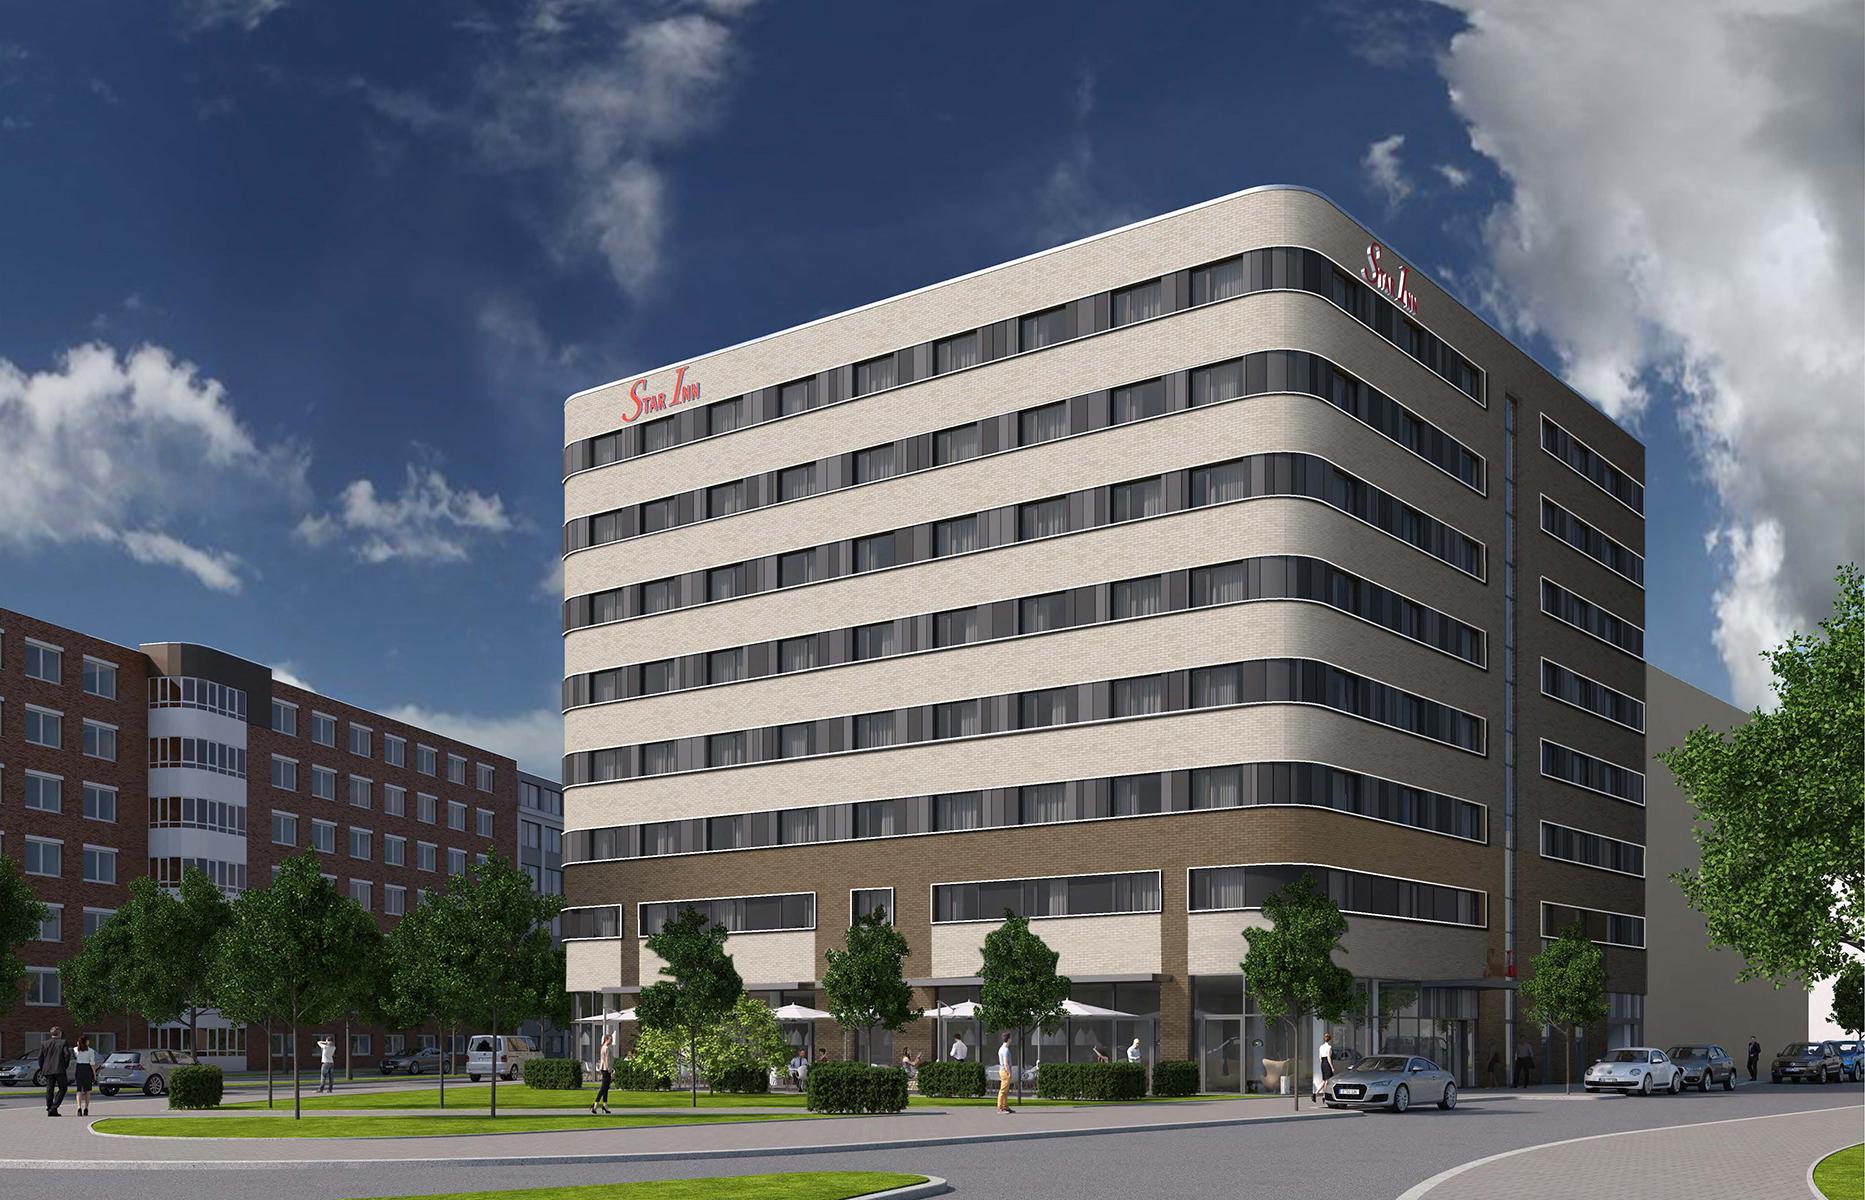 Architekt Saarbrücken inn hotel saarbrücken stark architekten